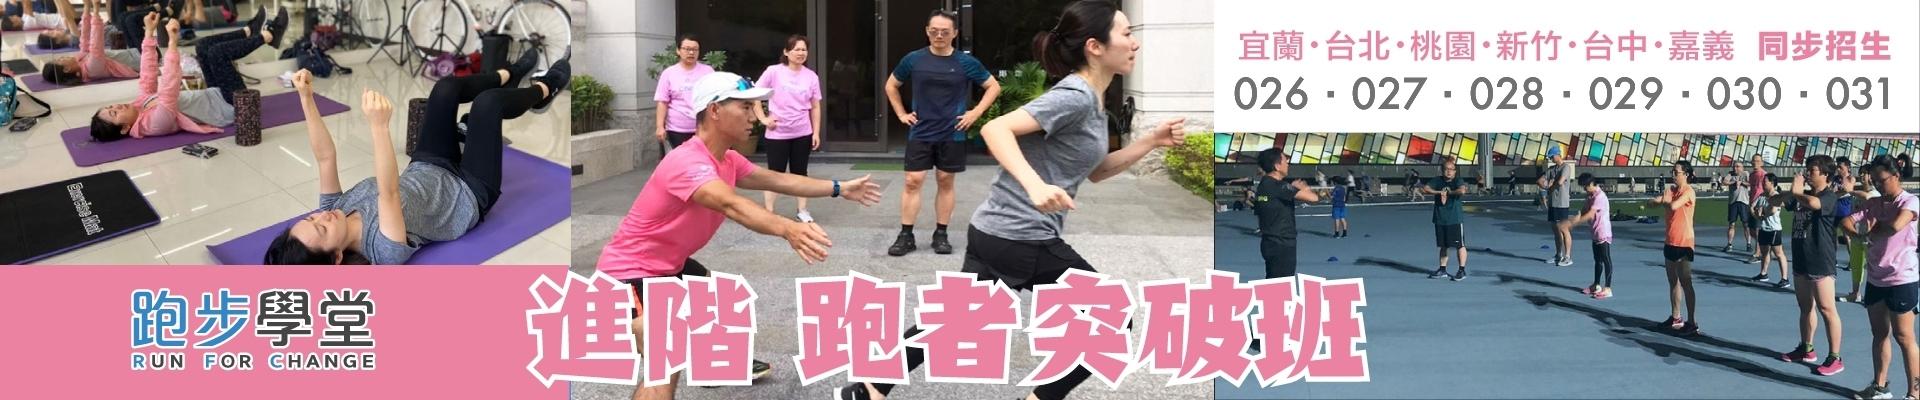 跑步學堂-進階026~031跑者突破班-主視覺